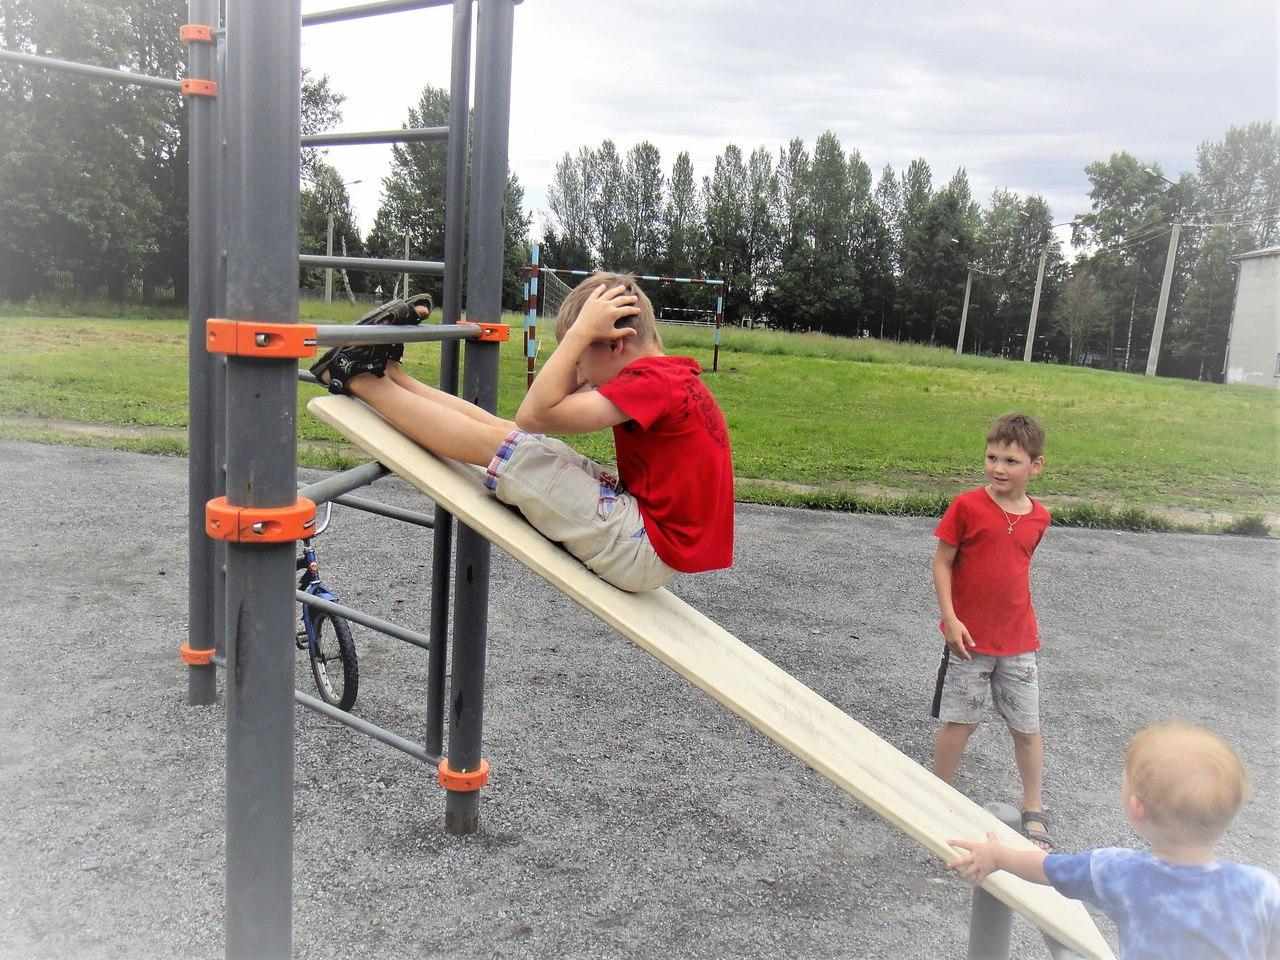 спорт снаряды дети лето новодвинск отжимания